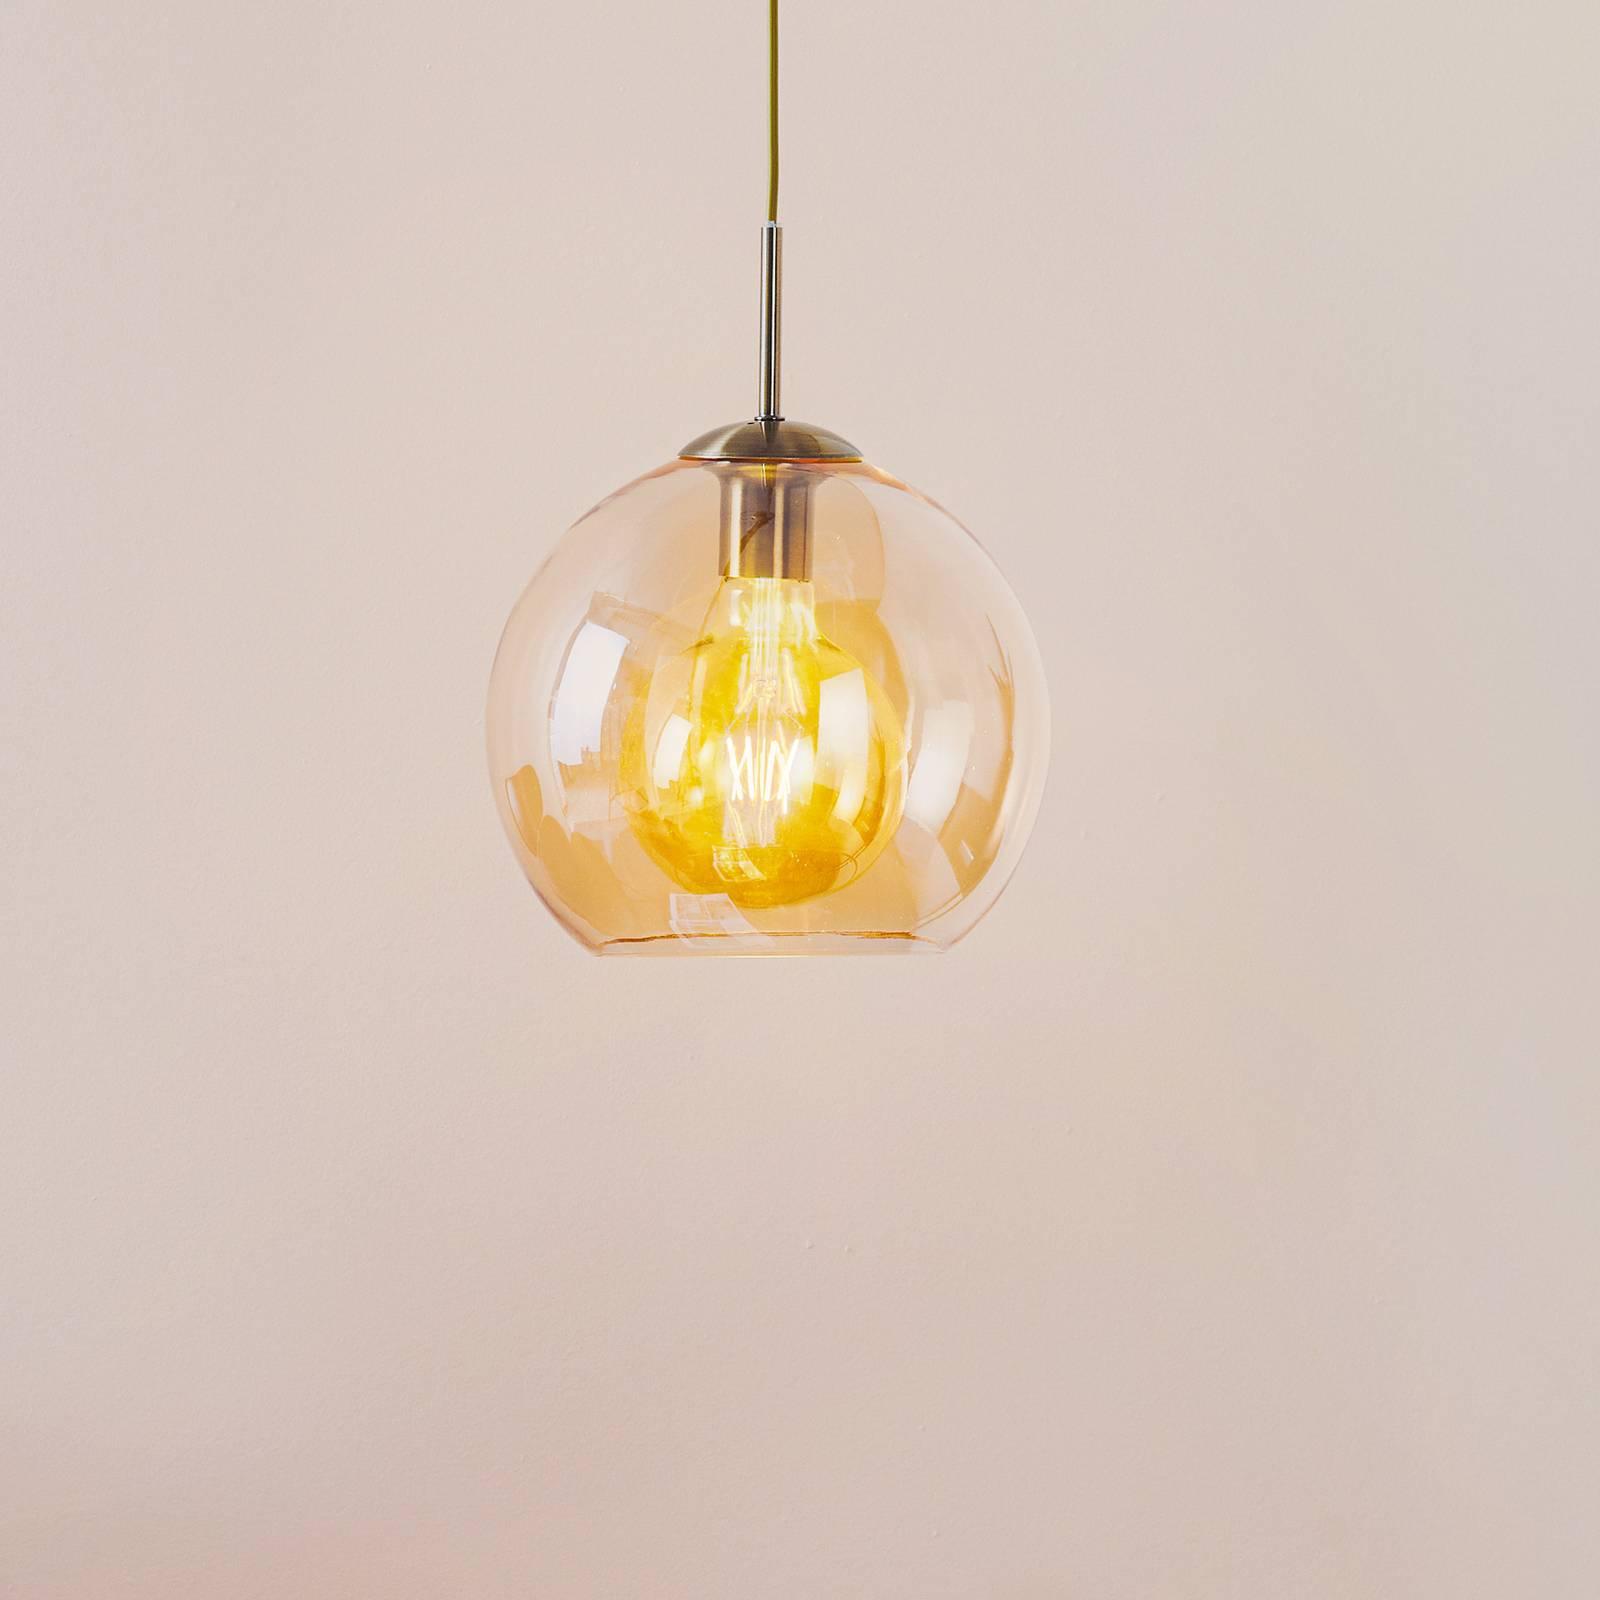 Balls-riippuvalaisin, meripihka, lasivarj. 25 cm